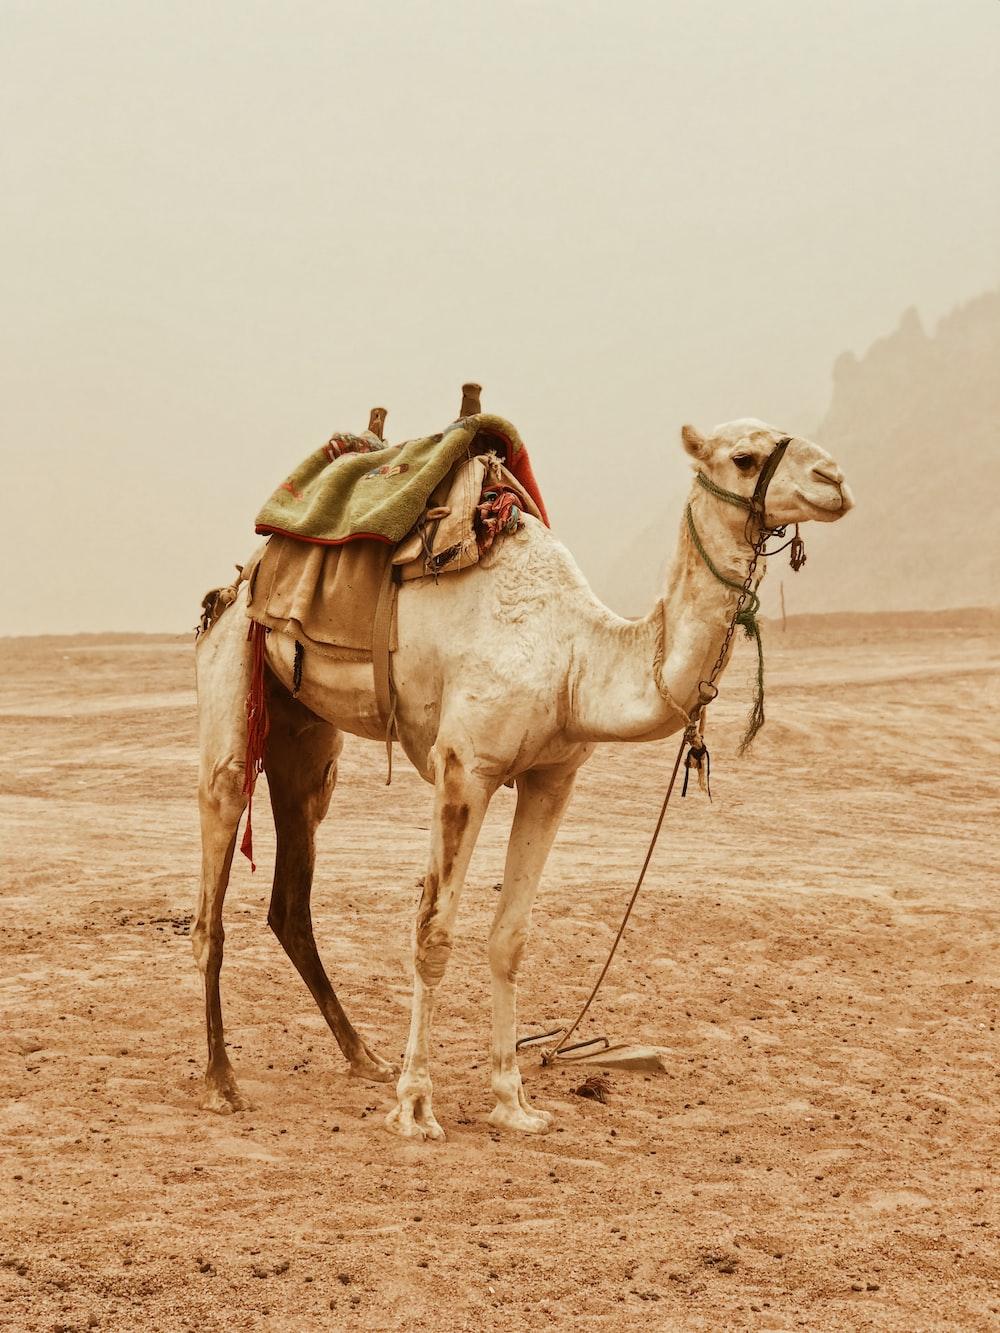 camel standing on desert